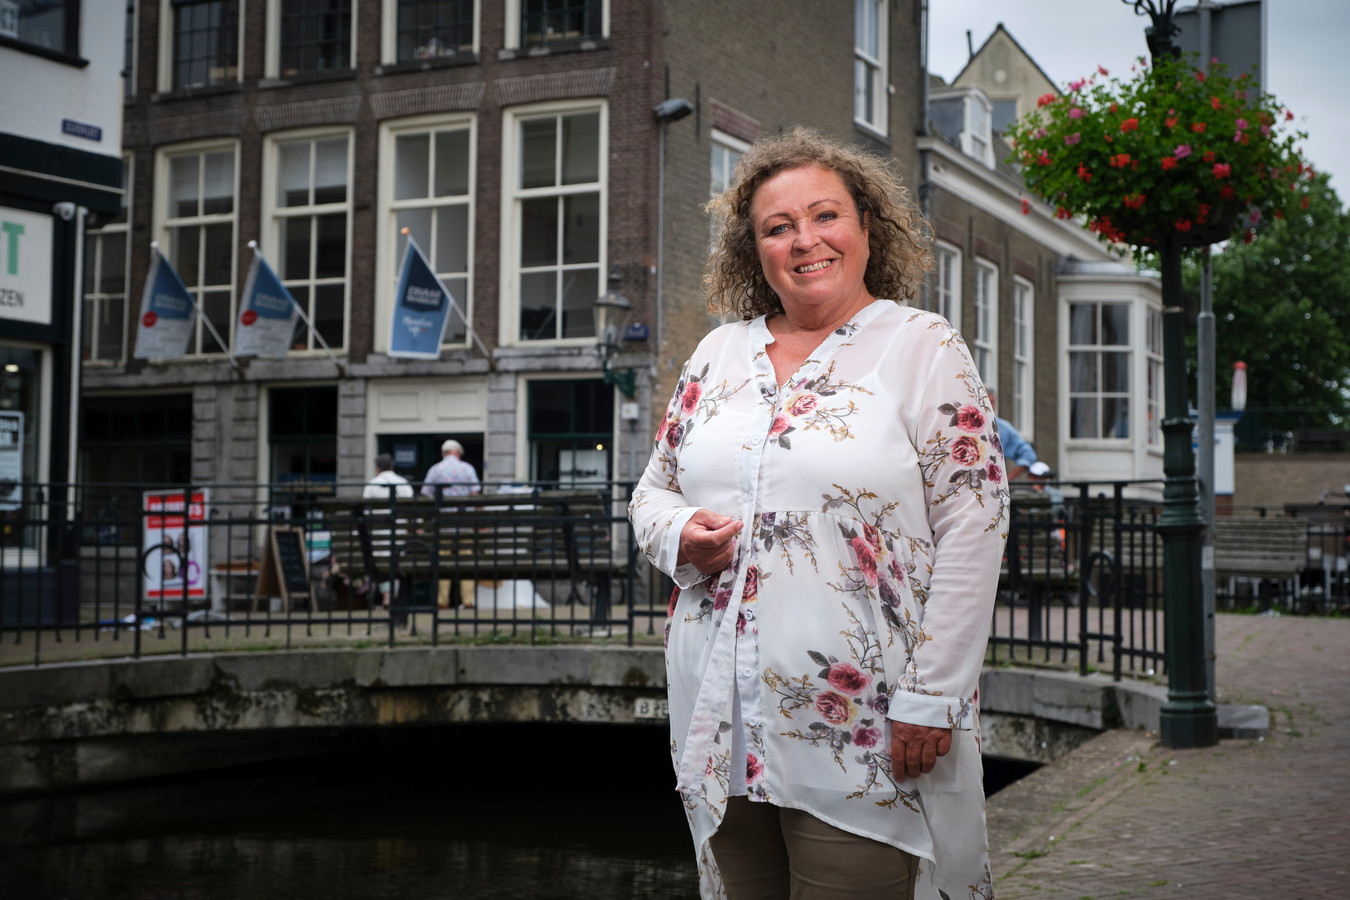 Citymarketeer Annique Camphens, met op de achtergrond het pand van Ervaar Maassluis in de Nieuwstraat.